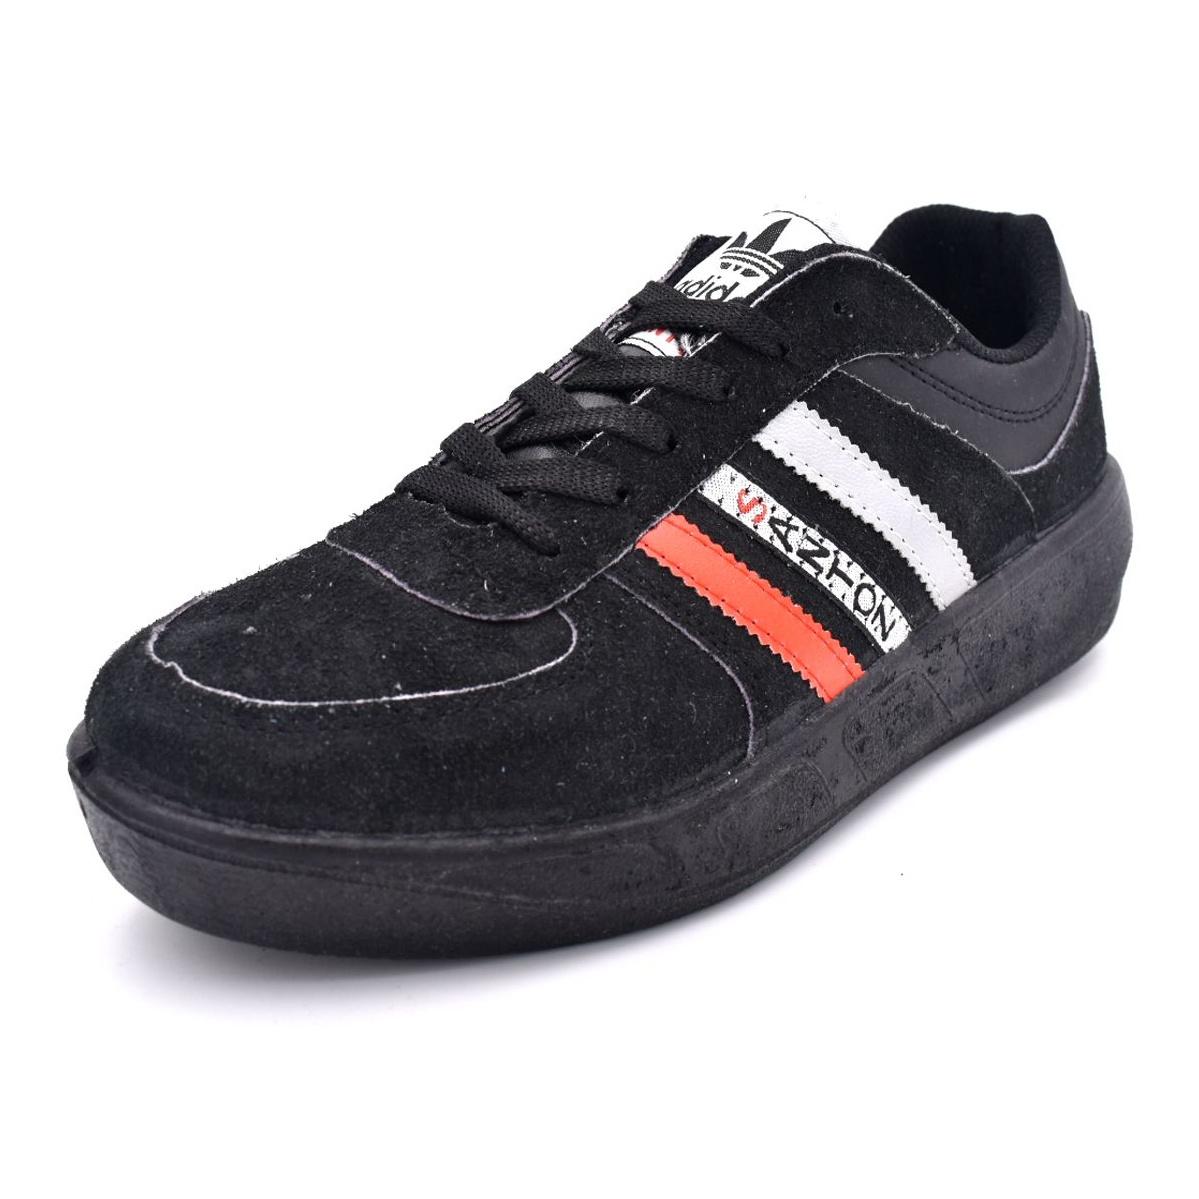 خرید                      کفش  پیاده روی مردانه کد 2038